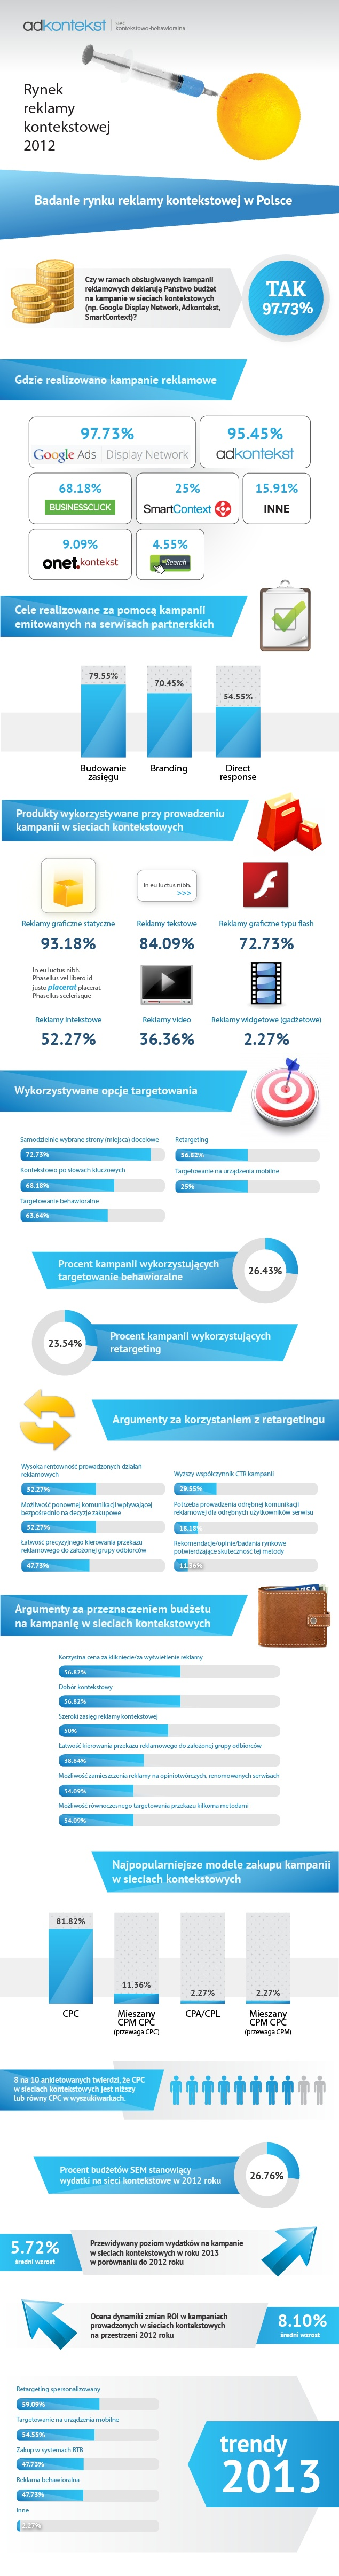 Przedstawiamy kolejną odsłonę raportu traktującego o polskim rynku reklamy kontekstowej. To już czwarty raz, kiedy prezentujemy tendencje, prognozy i oczekiwania związane z tą formą marketingu internetowego.